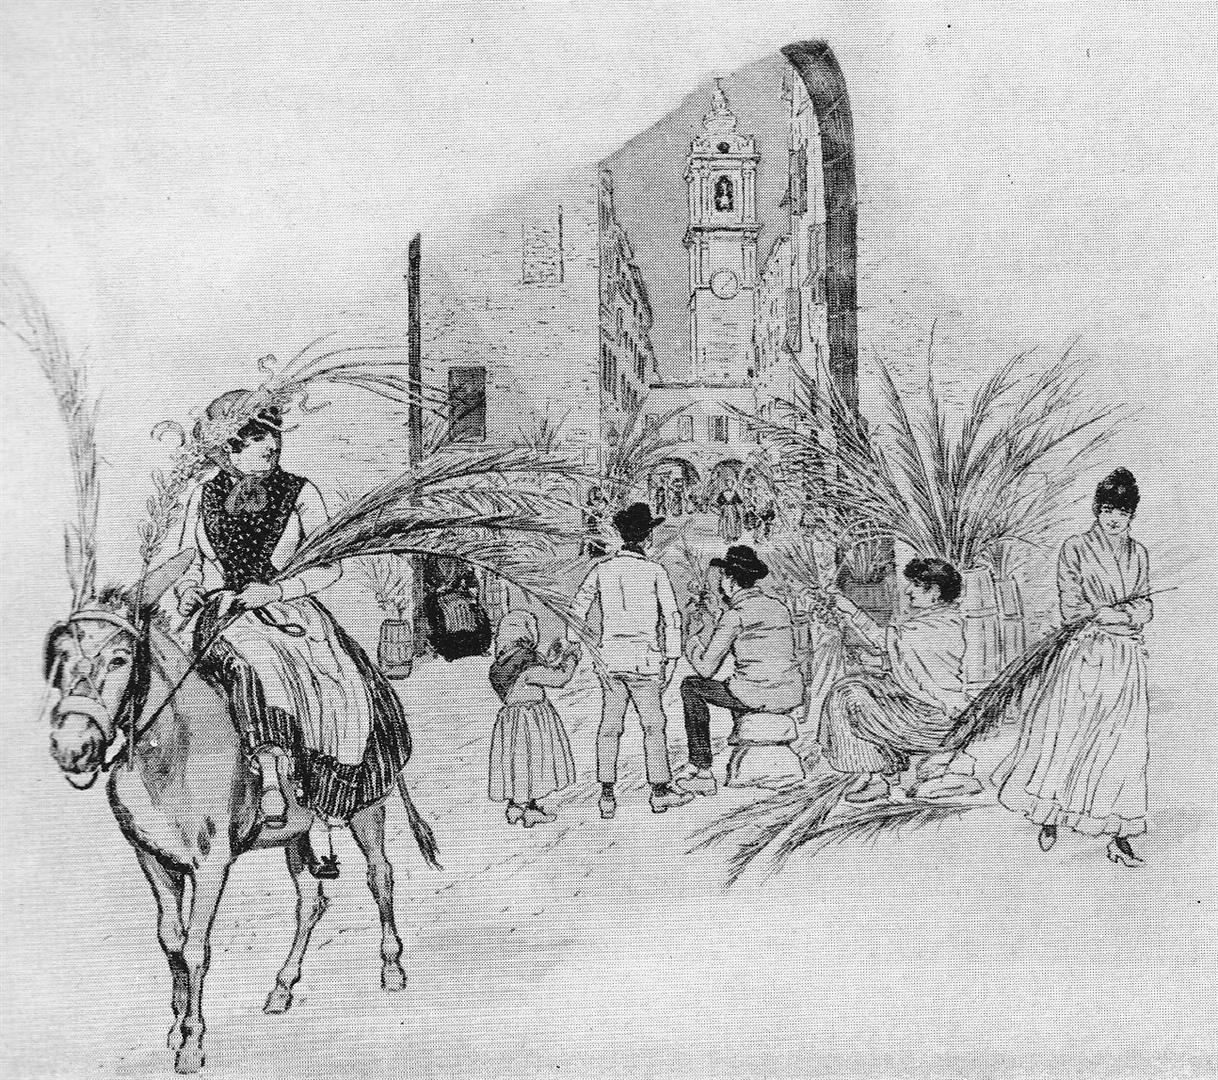 Mars 1888